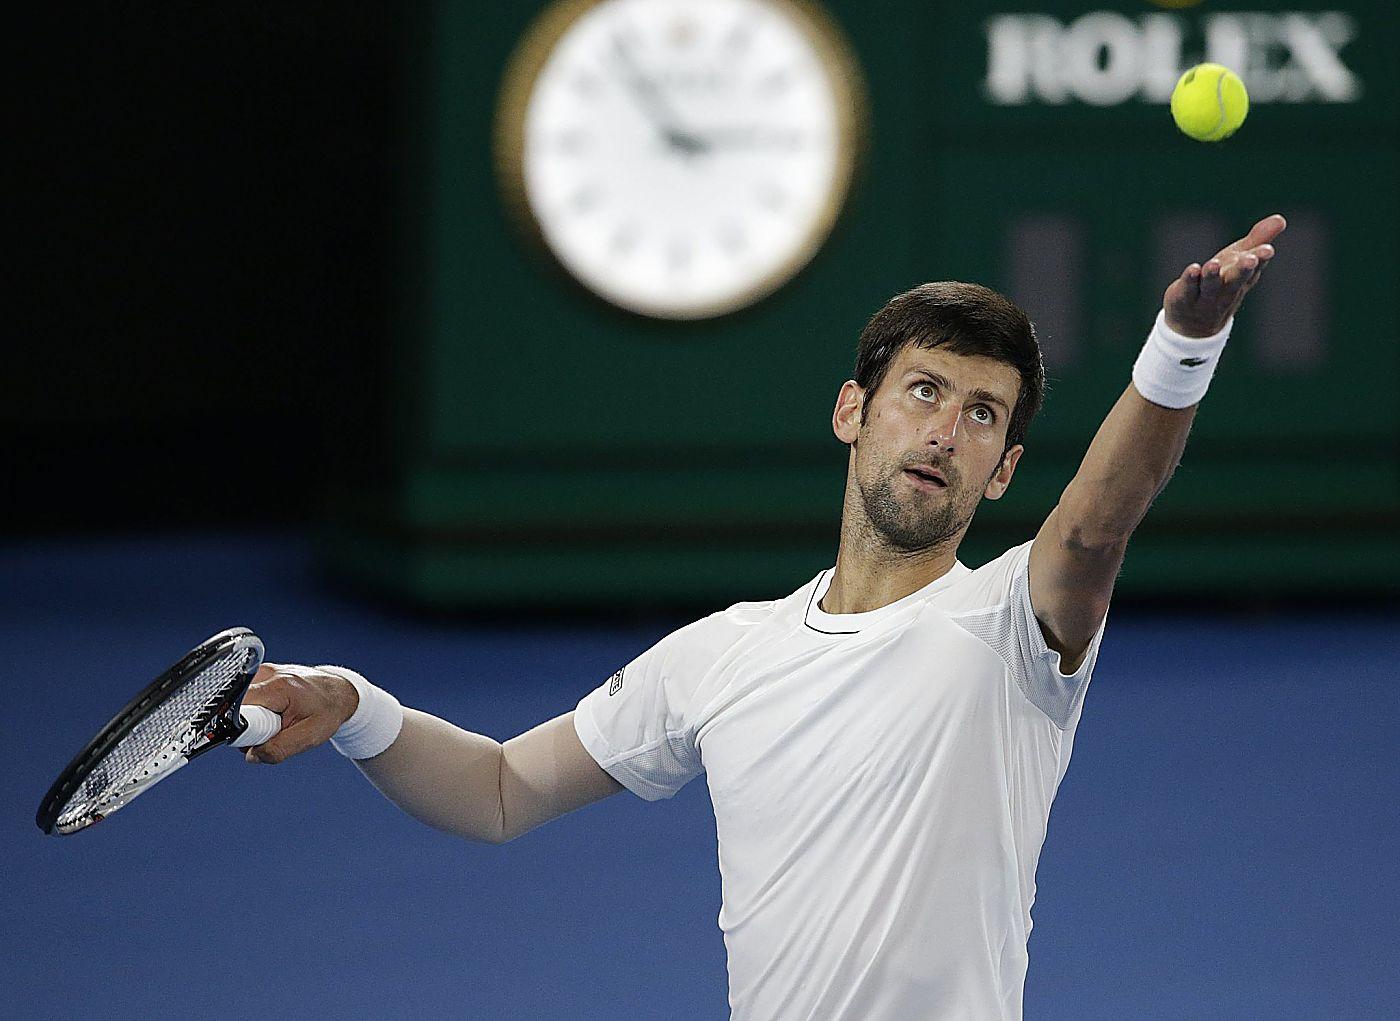 Djokovic-serve-tvcnews